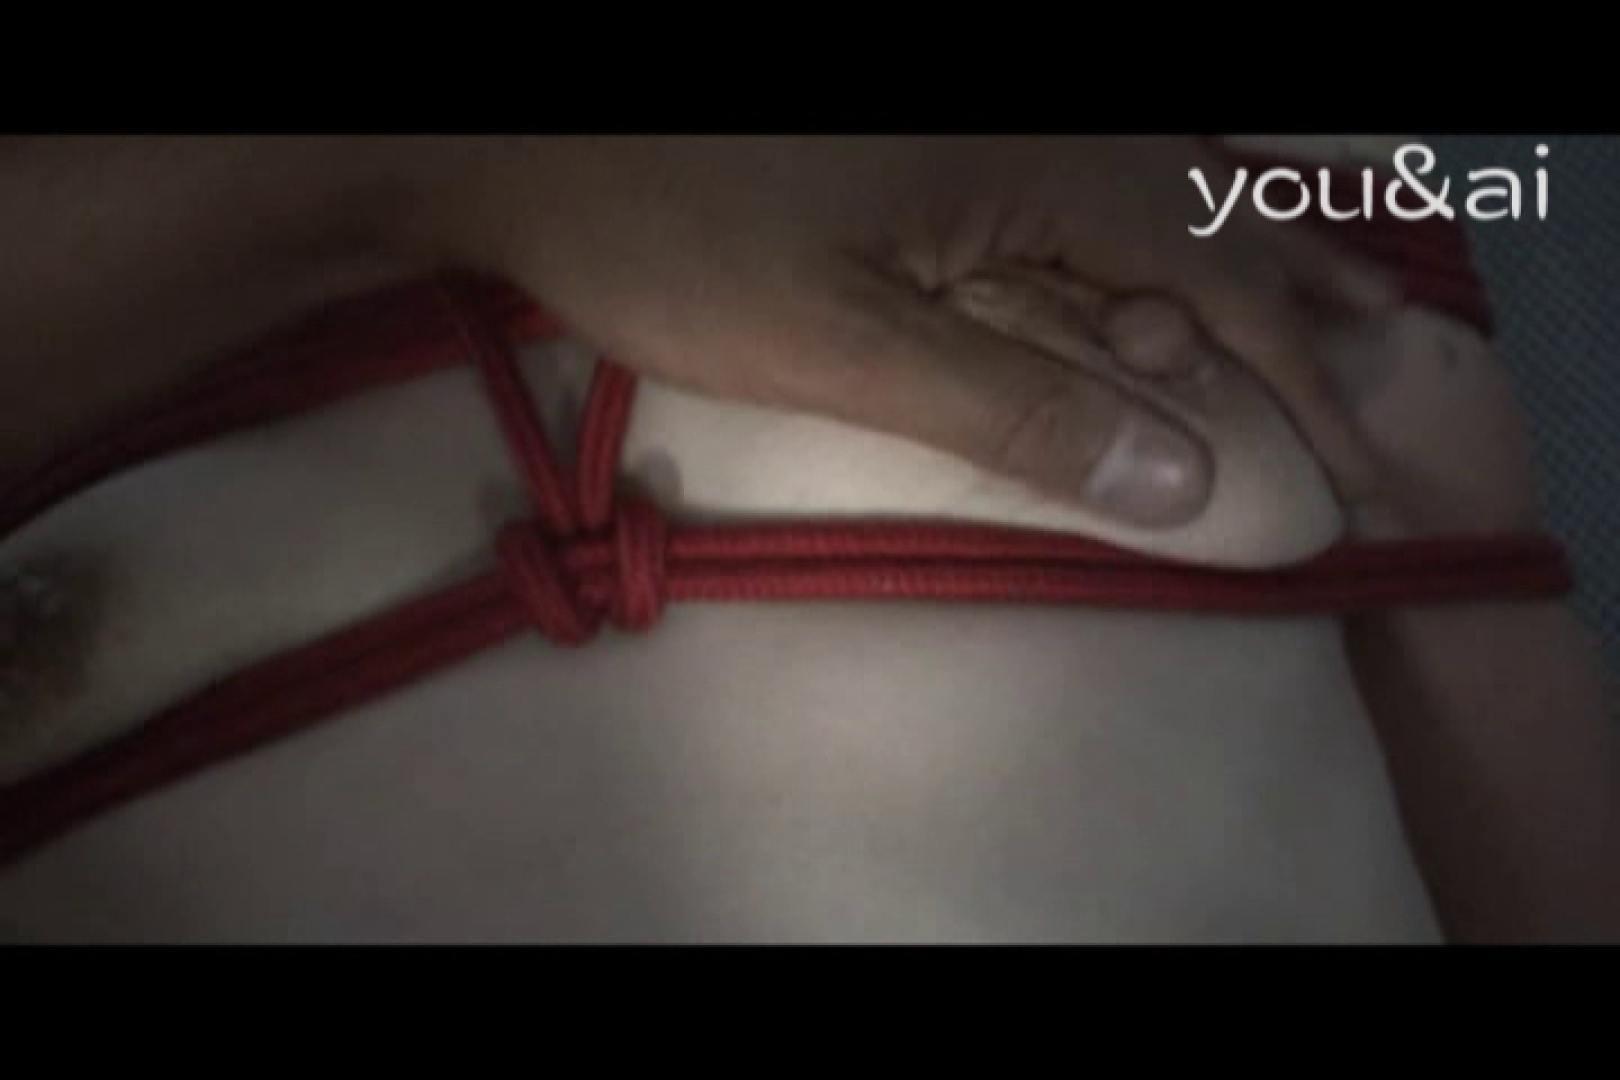 おしどり夫婦のyou&aiさん投稿作品vol.4 カーセックス おまんこ無修正動画無料 53連発 19